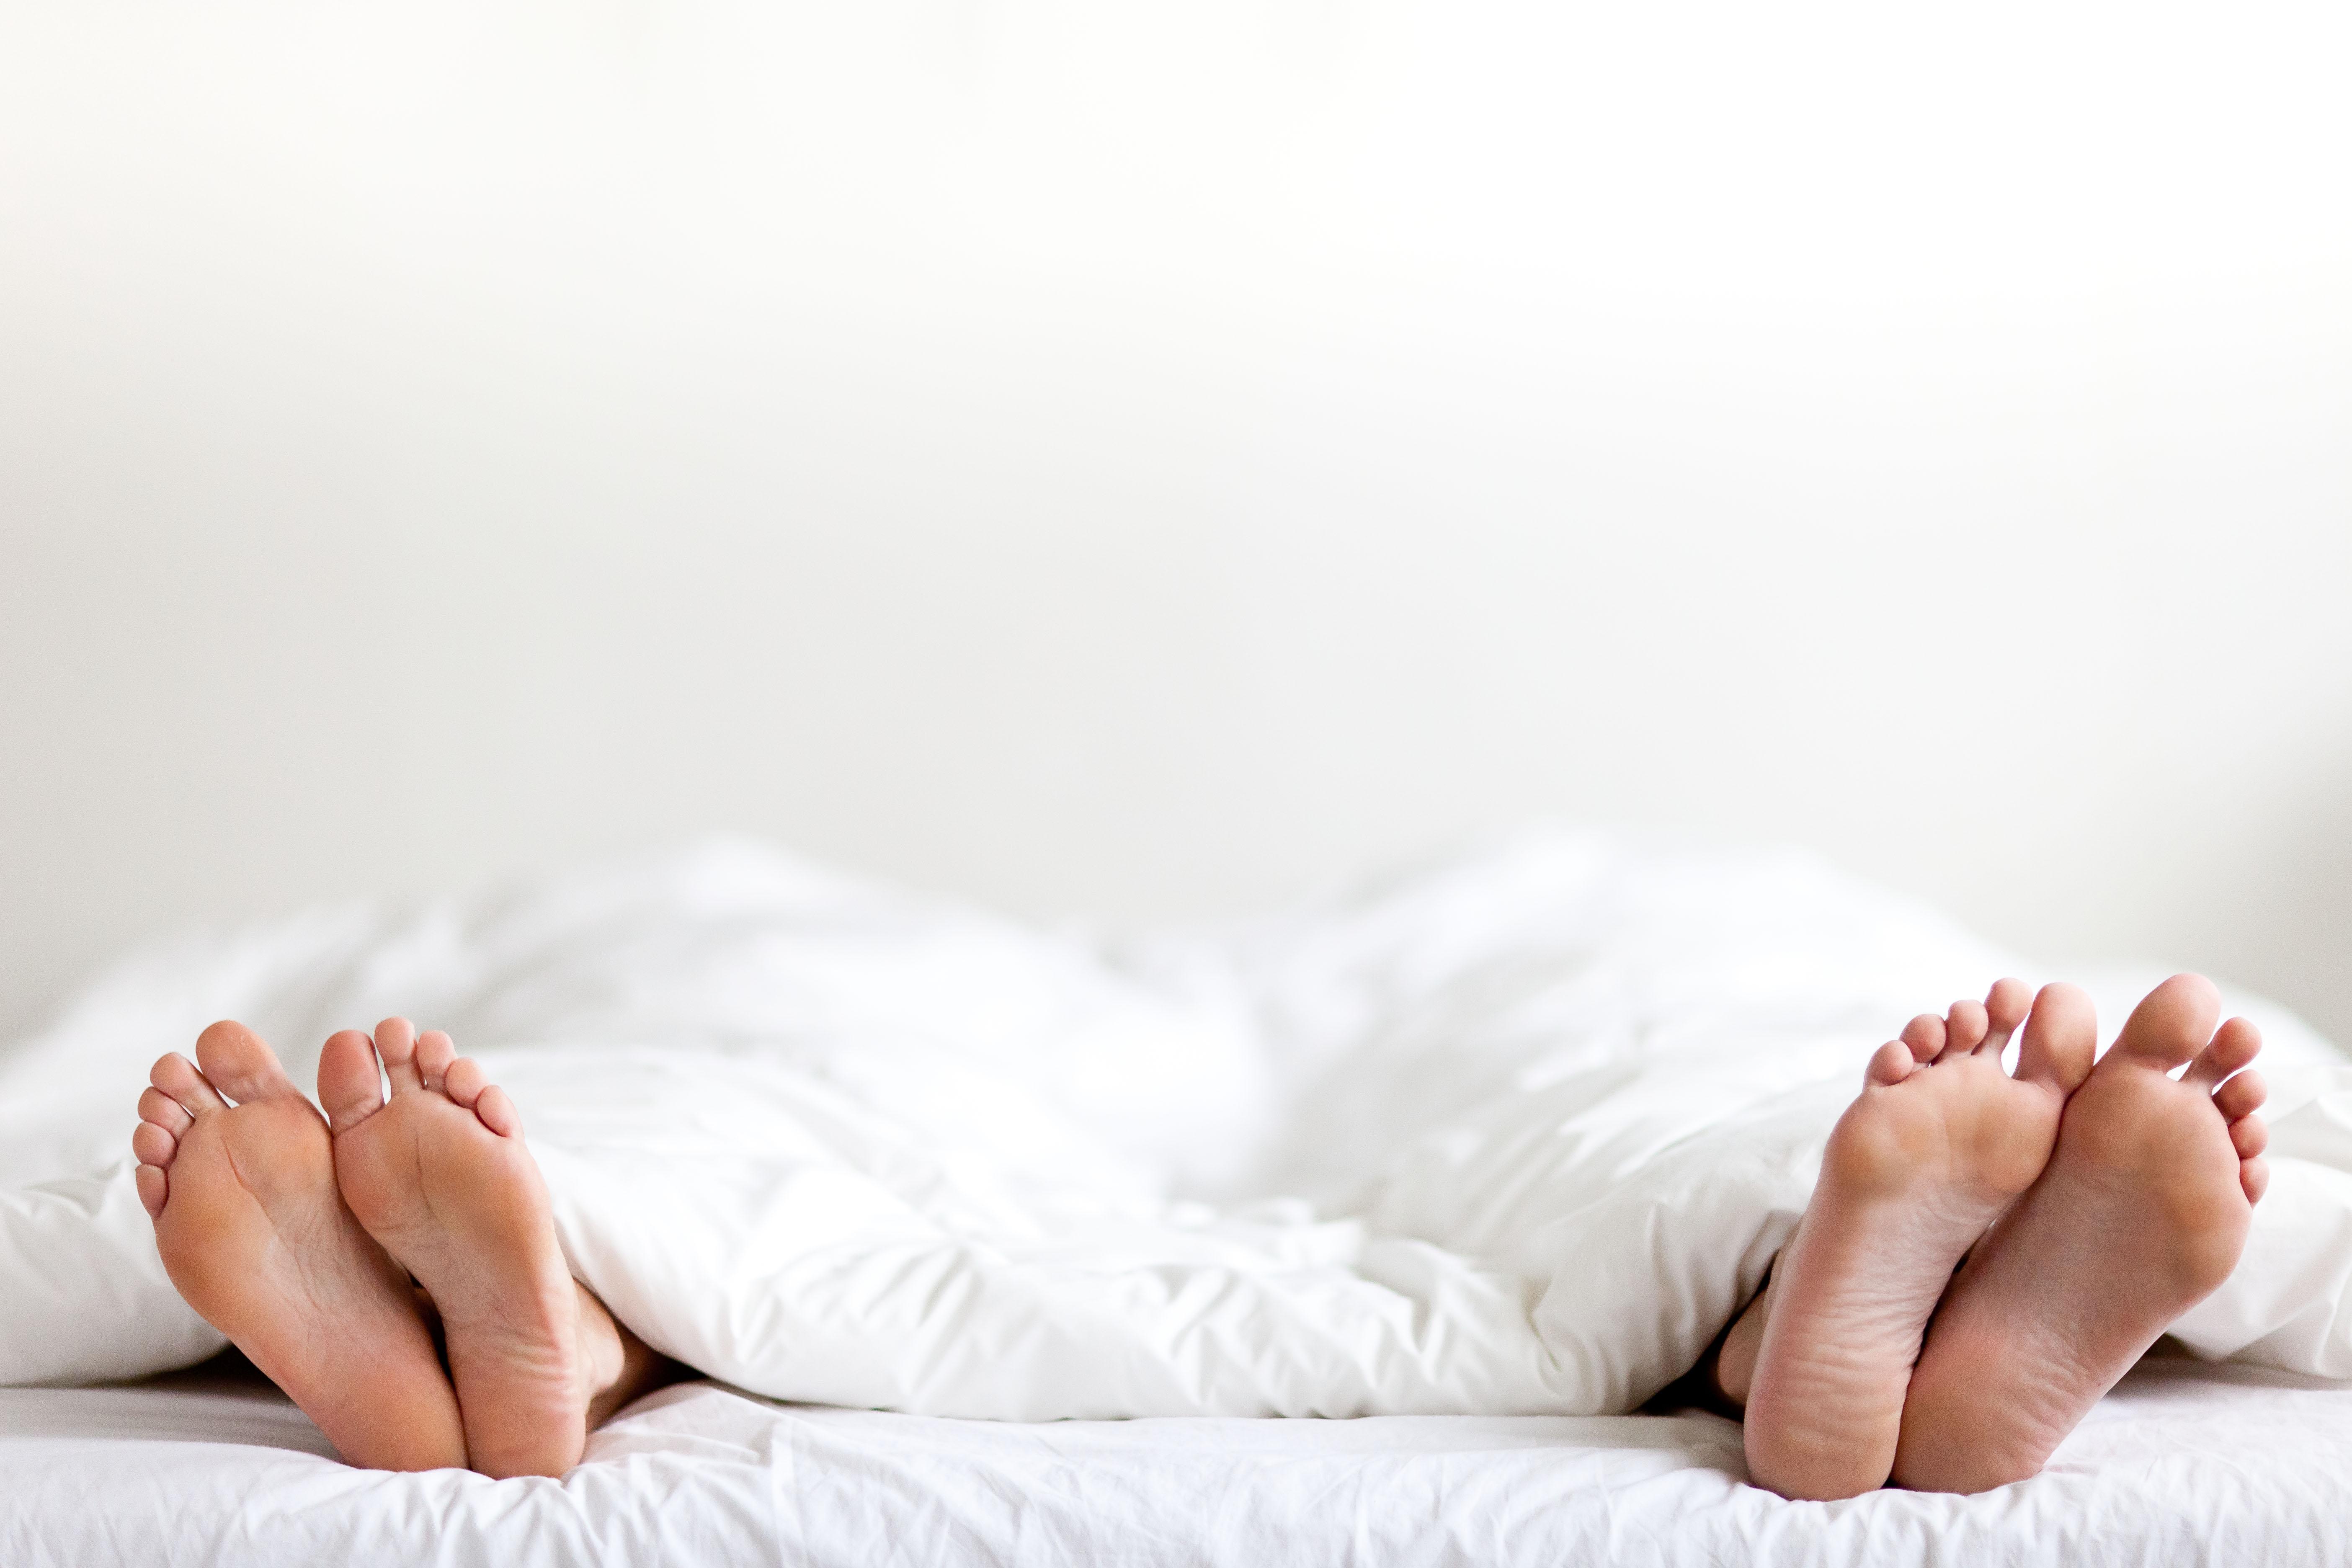 mit kell tenni, ha az erekció túl erős melyik orvoshoz megy erekció